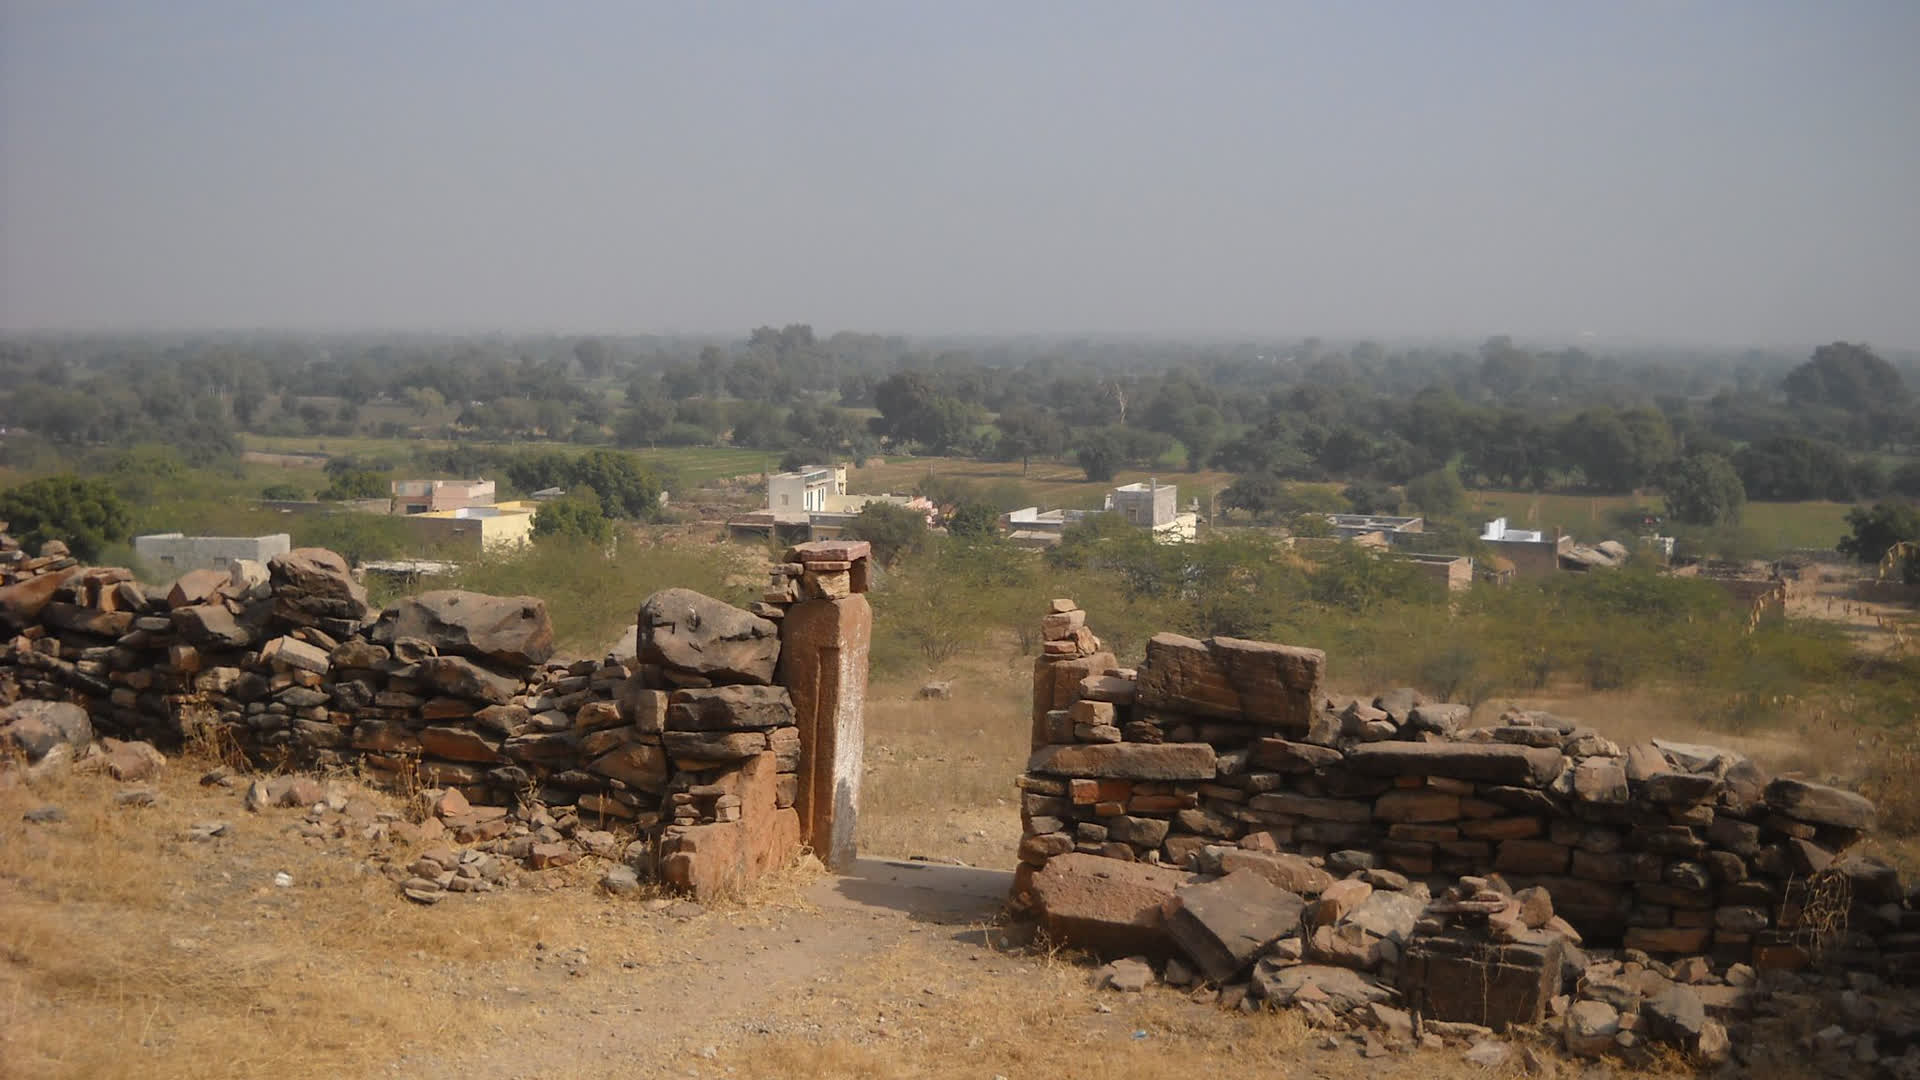 ख़वासपुरा : मारवाड़ की एक  प्राचीन राजधानी